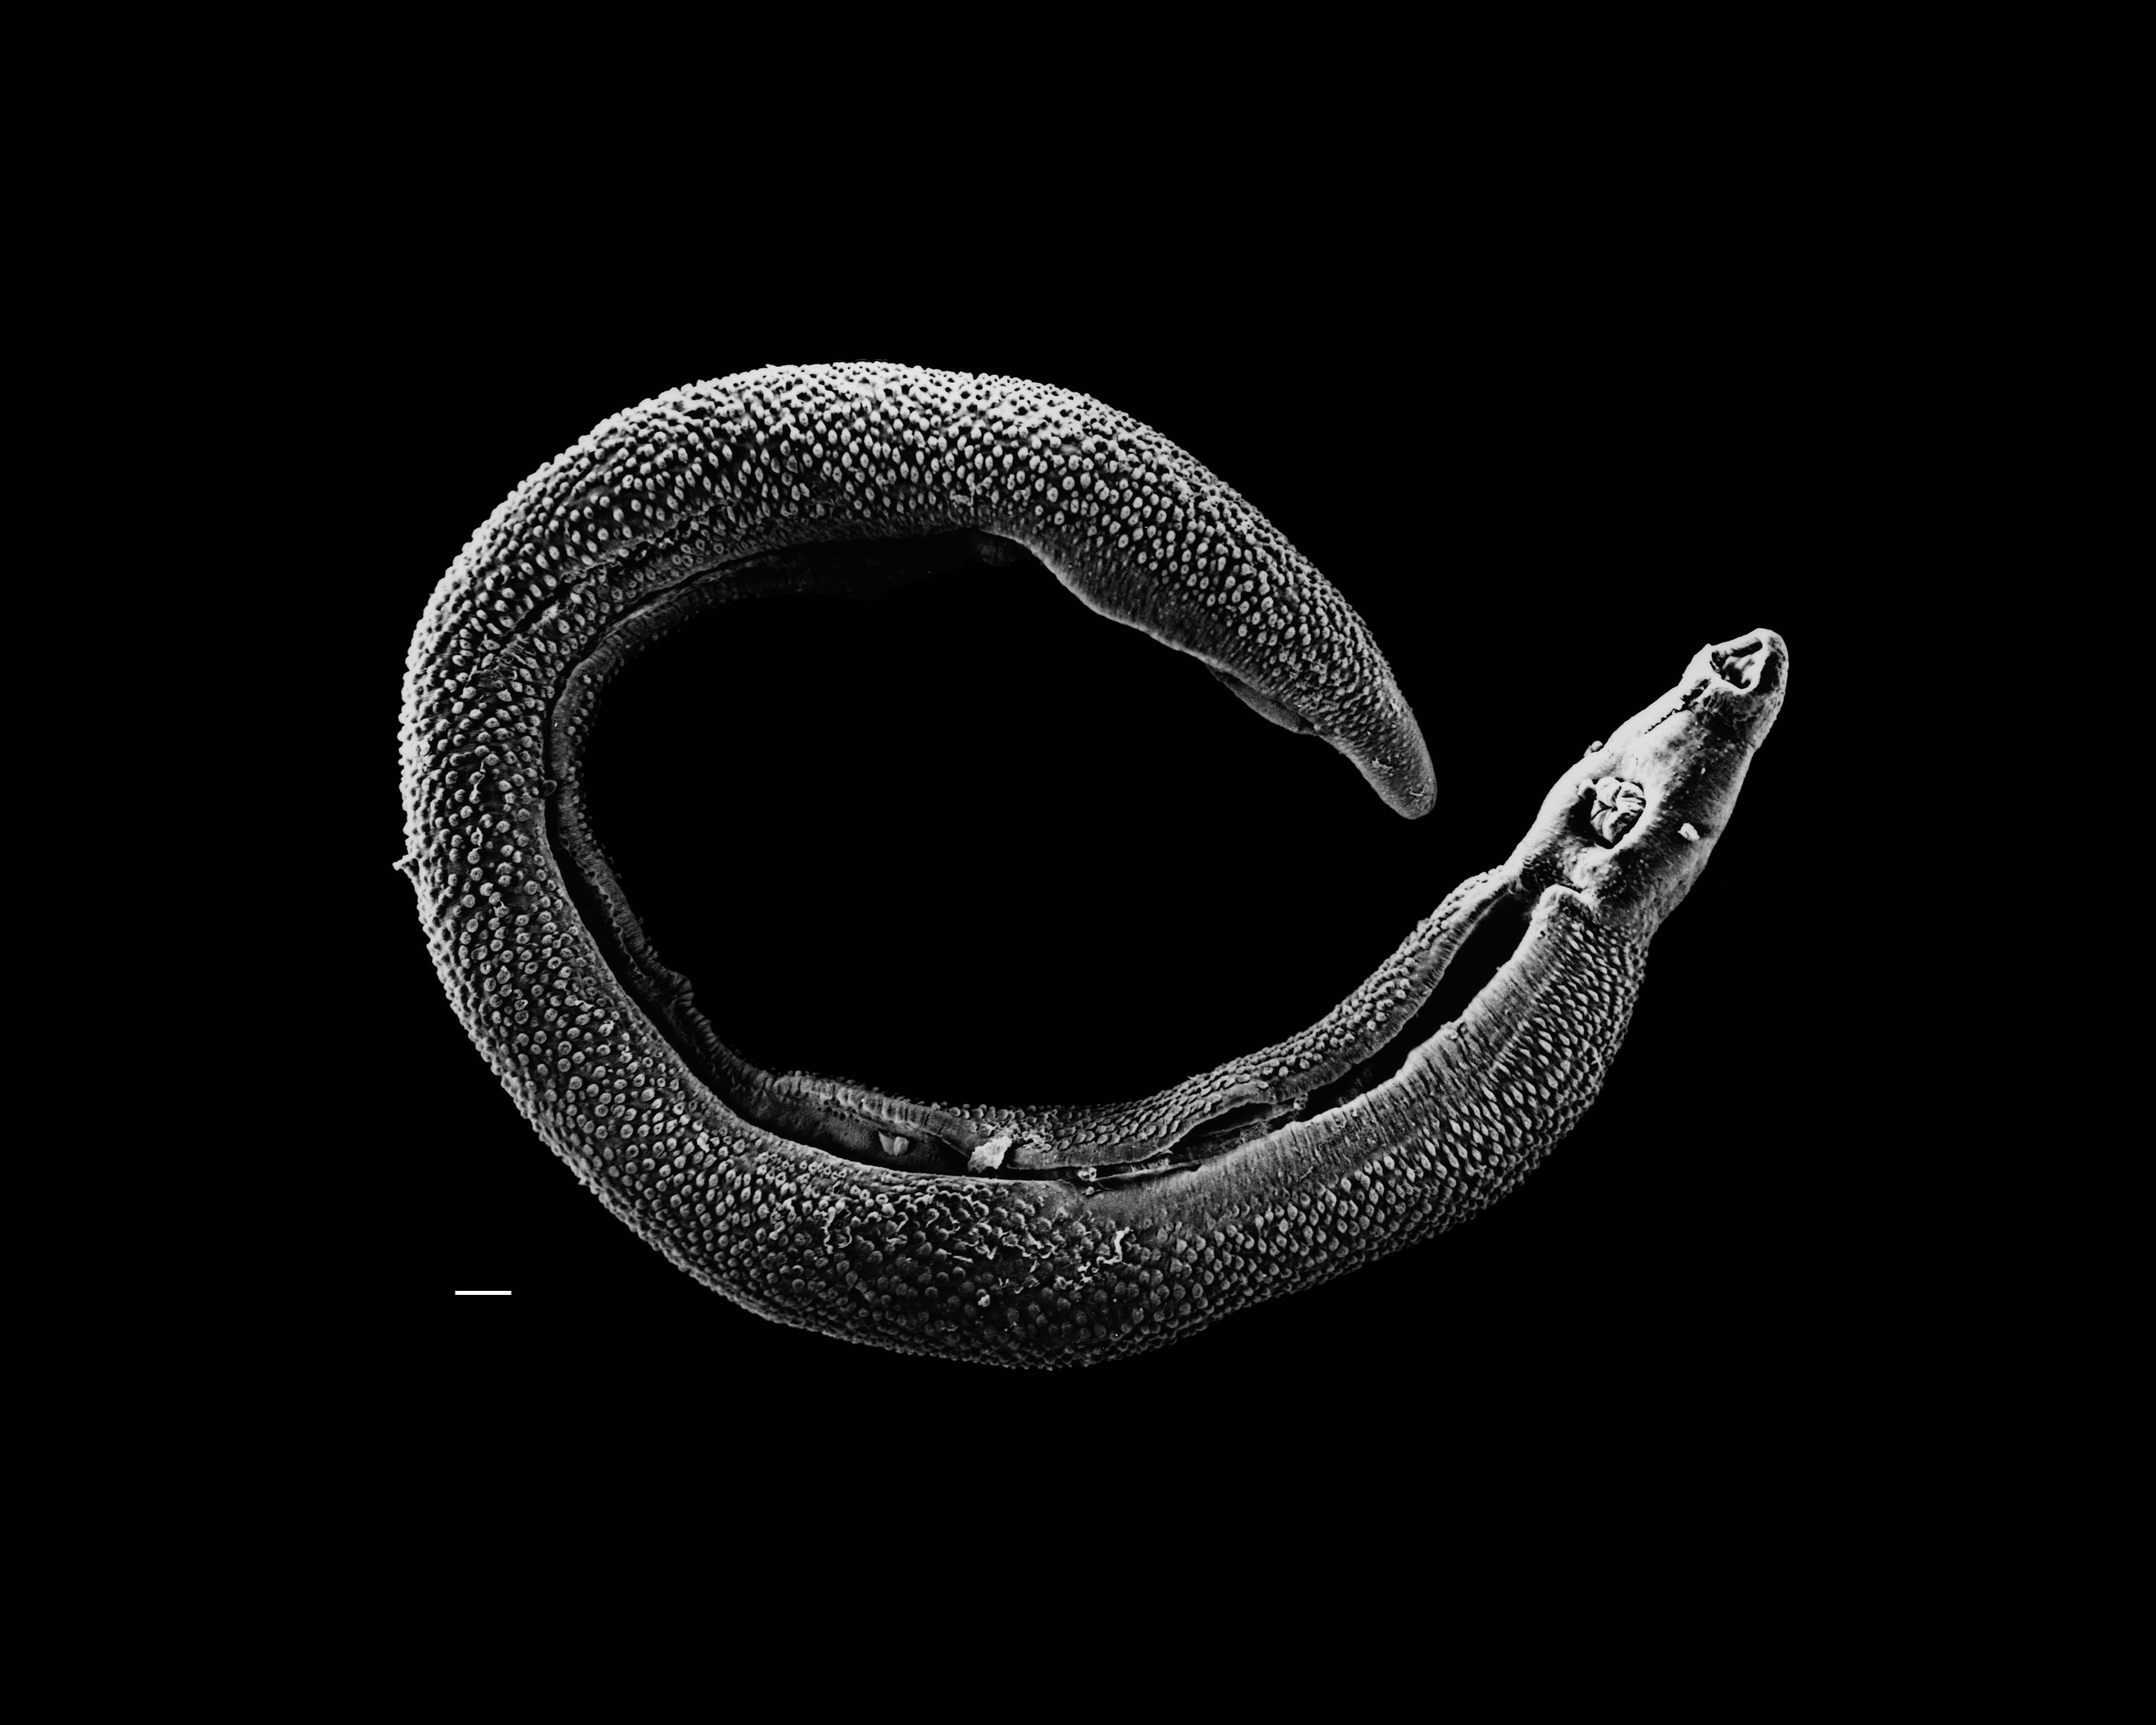 Schistosoma mansani